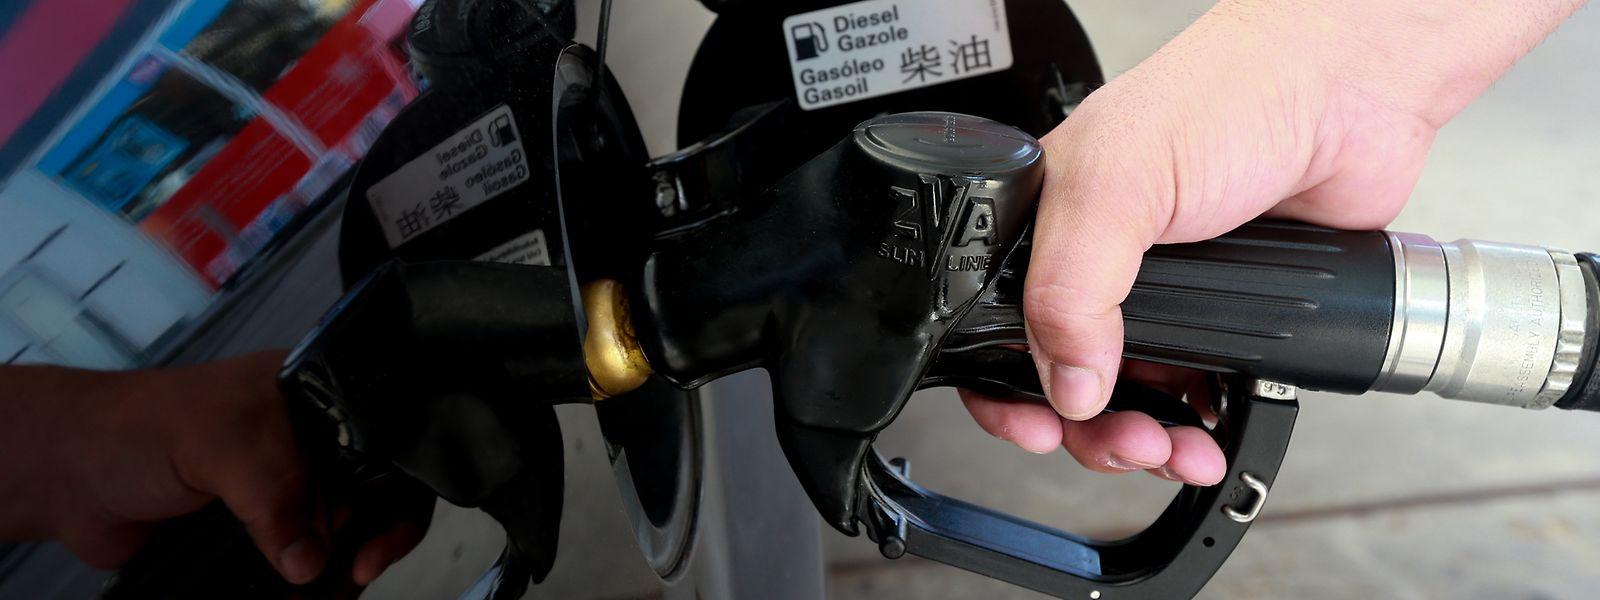 Diesel-Fahrer müssen ab Dienstag wieder tiefer ins Portemonnaie greifen.